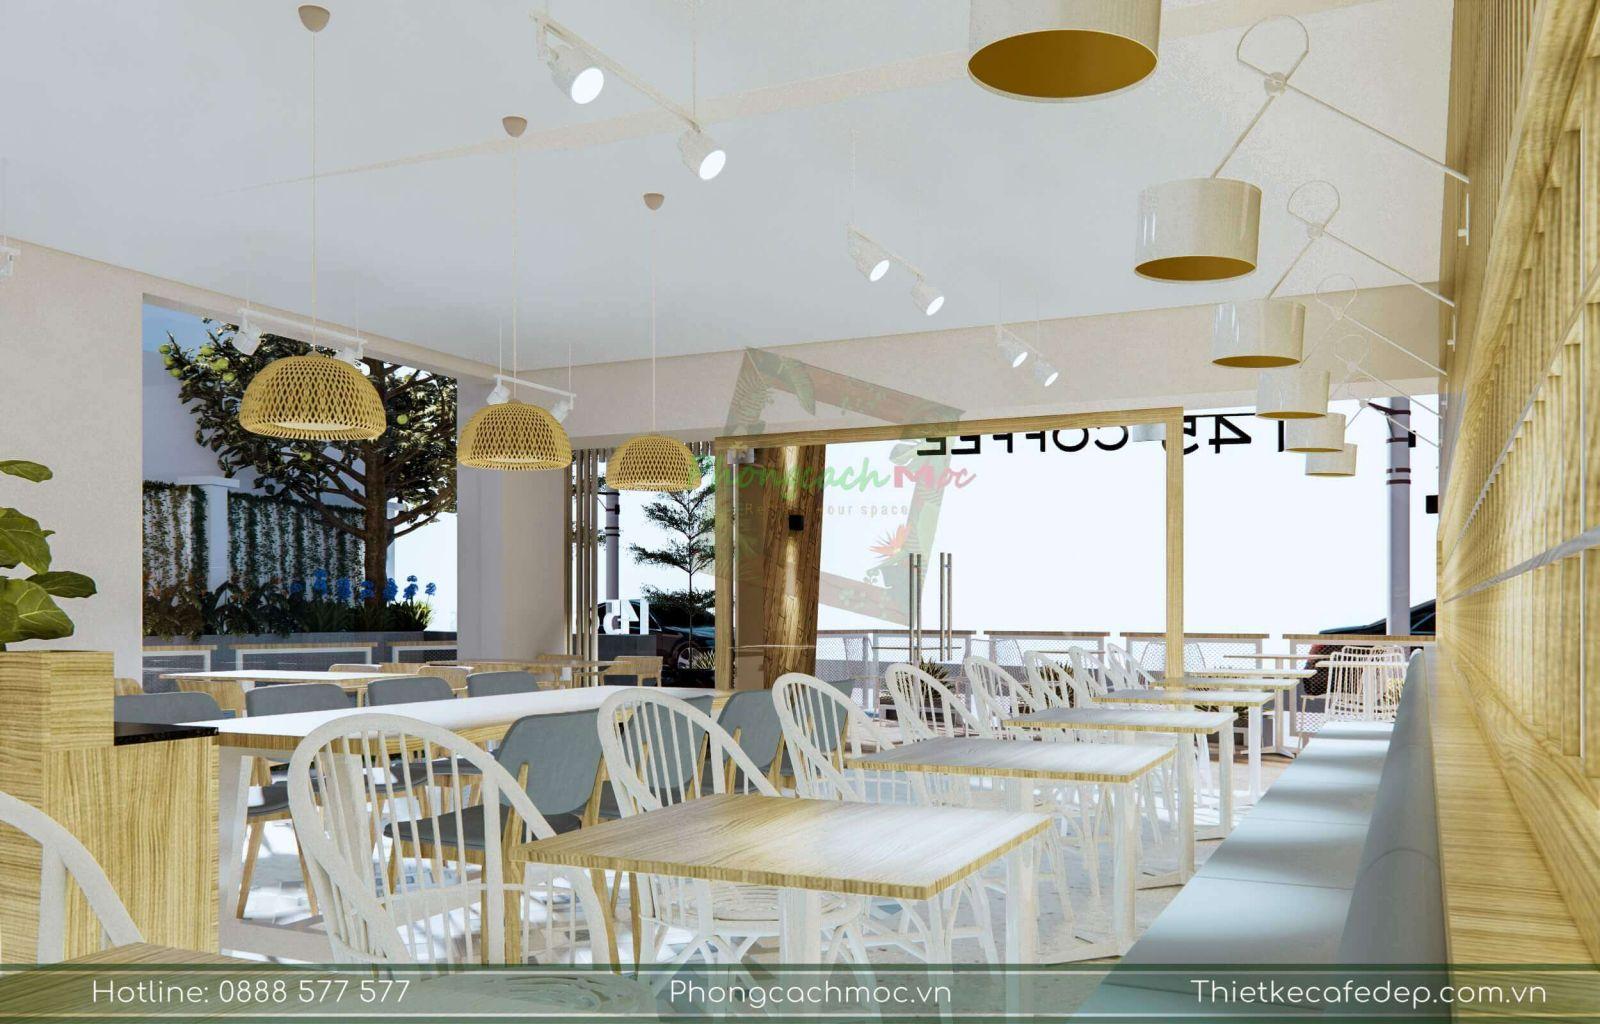 nội thất phòng lạnh quán cafe 145 coffee được thiết kế theo chủ đề hiện đại